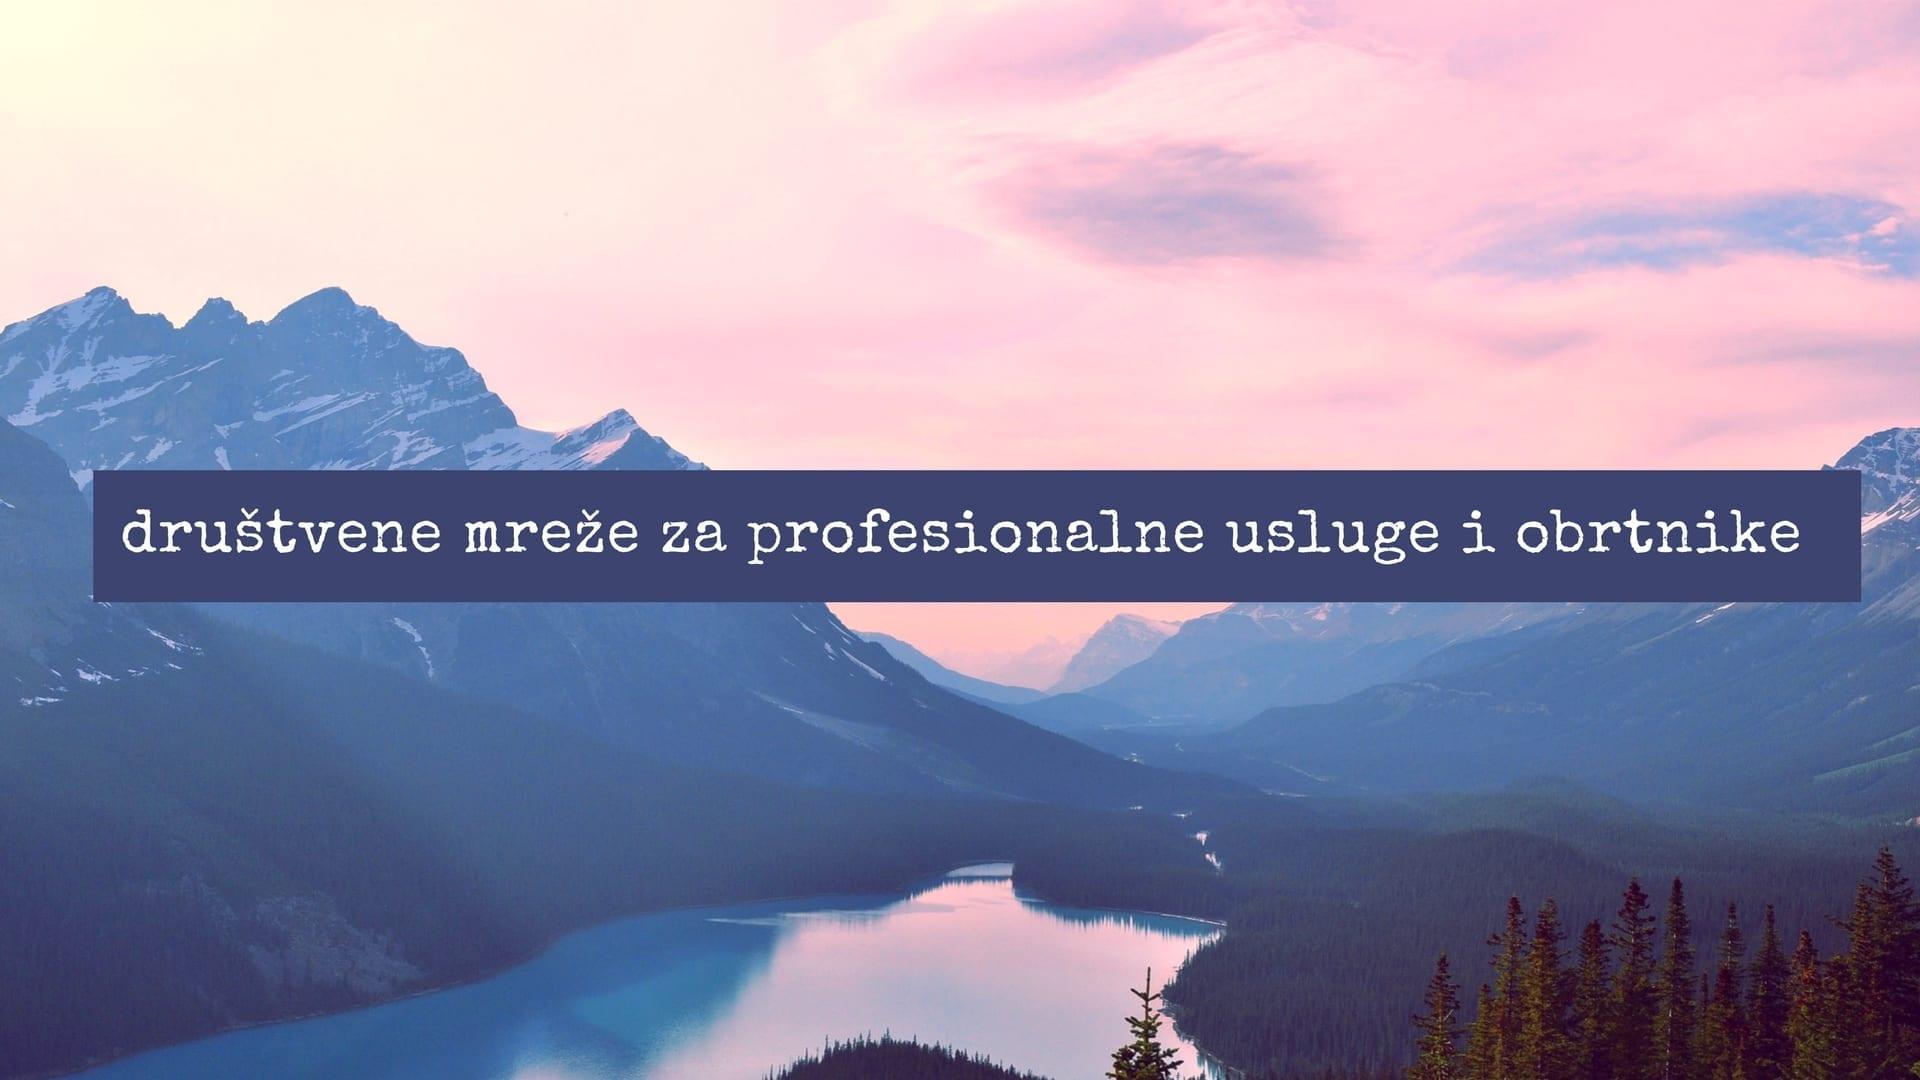 Društvene Mreže za Profesionalne Usluge i Obrtnike